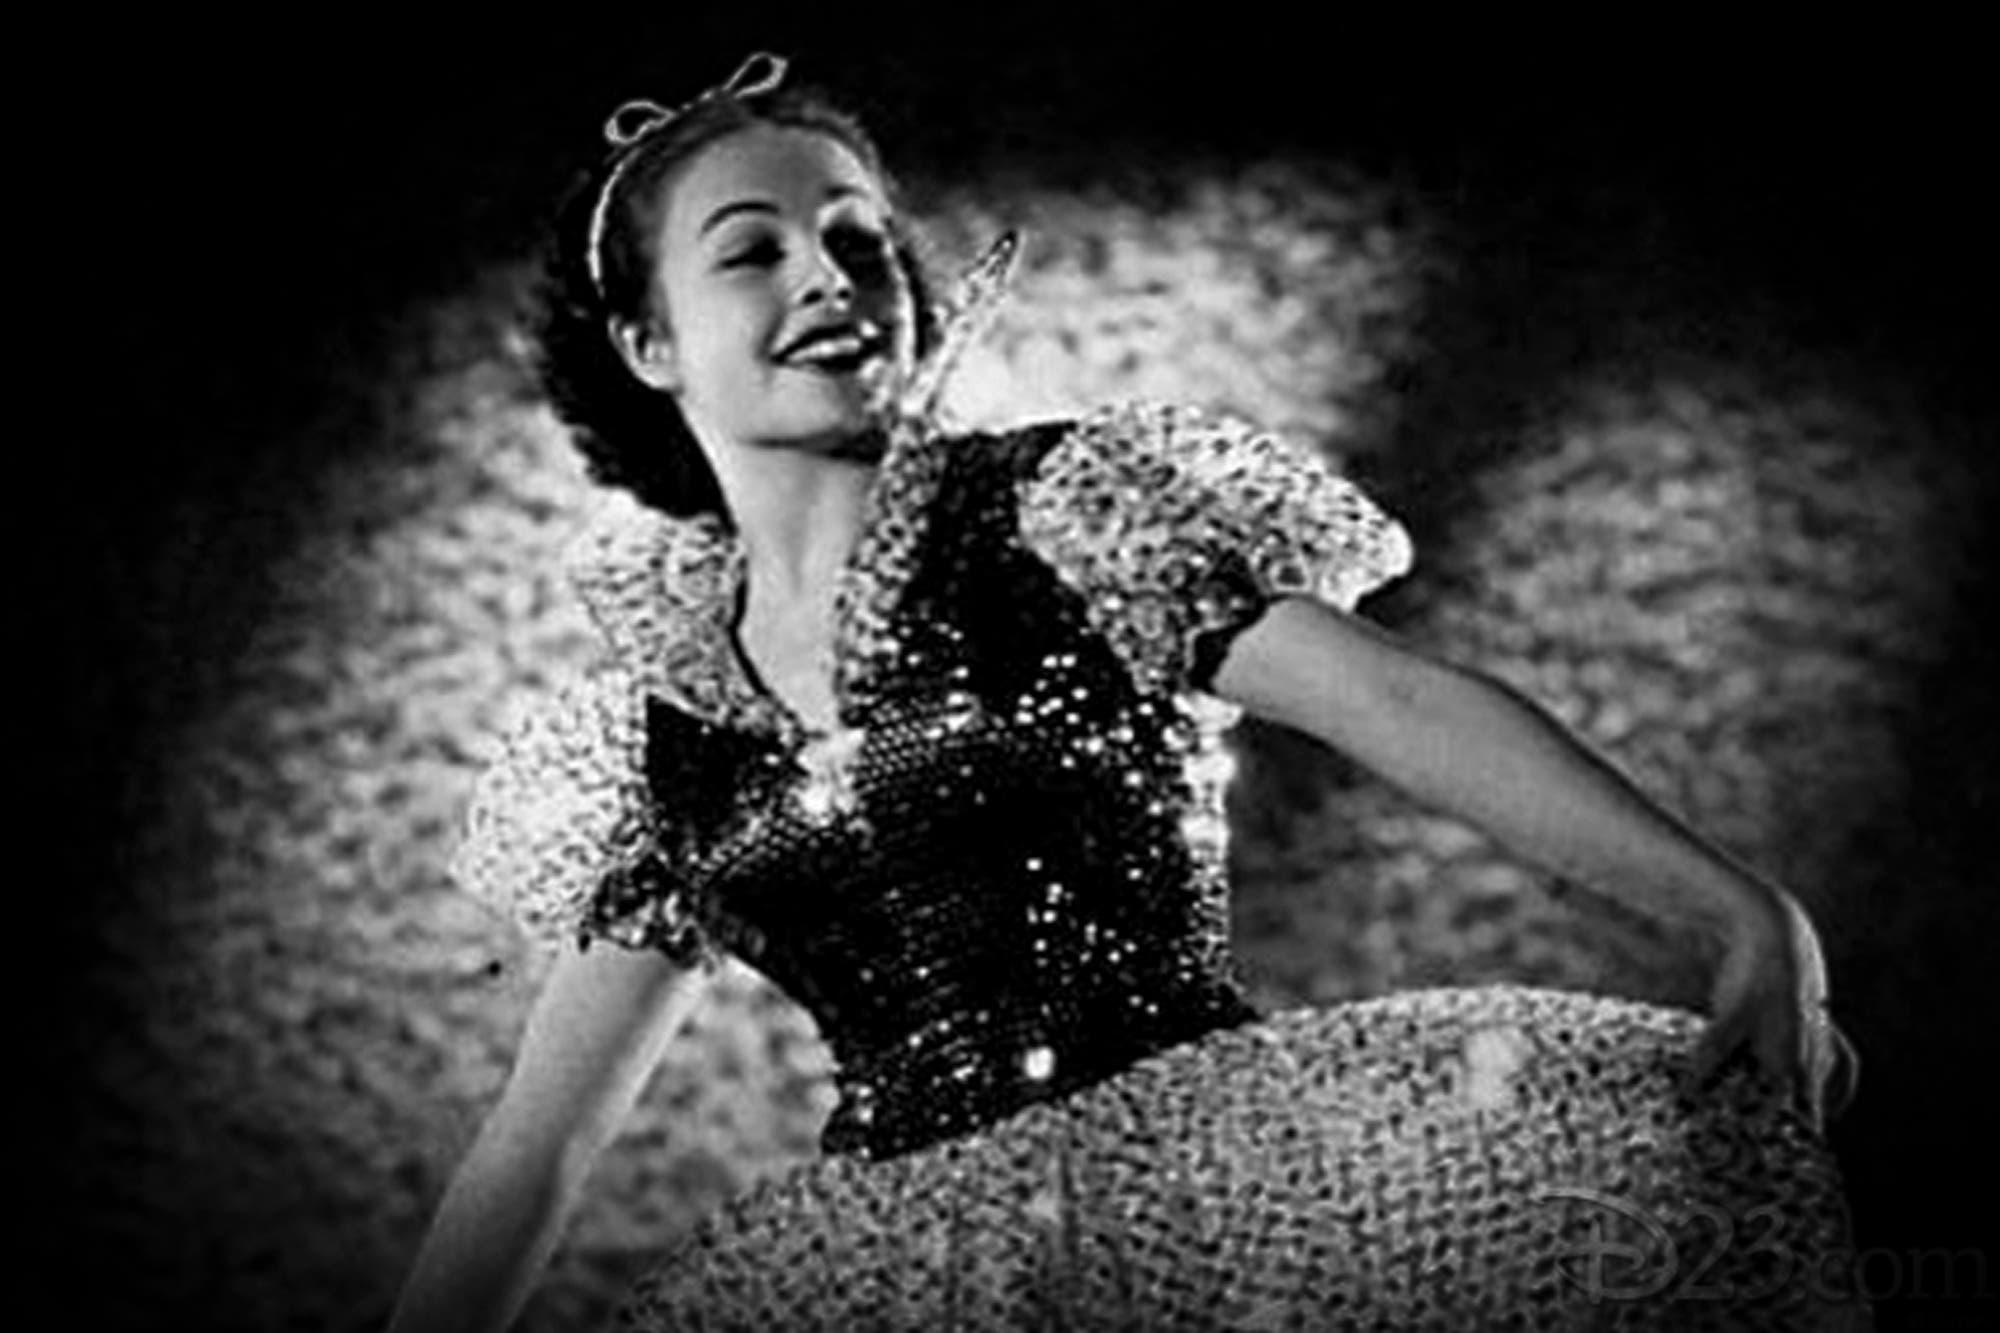 A los 101 años, murió Marge Champion, la actriz en la que Walt Disney se inspiró para crear a Blancanieves